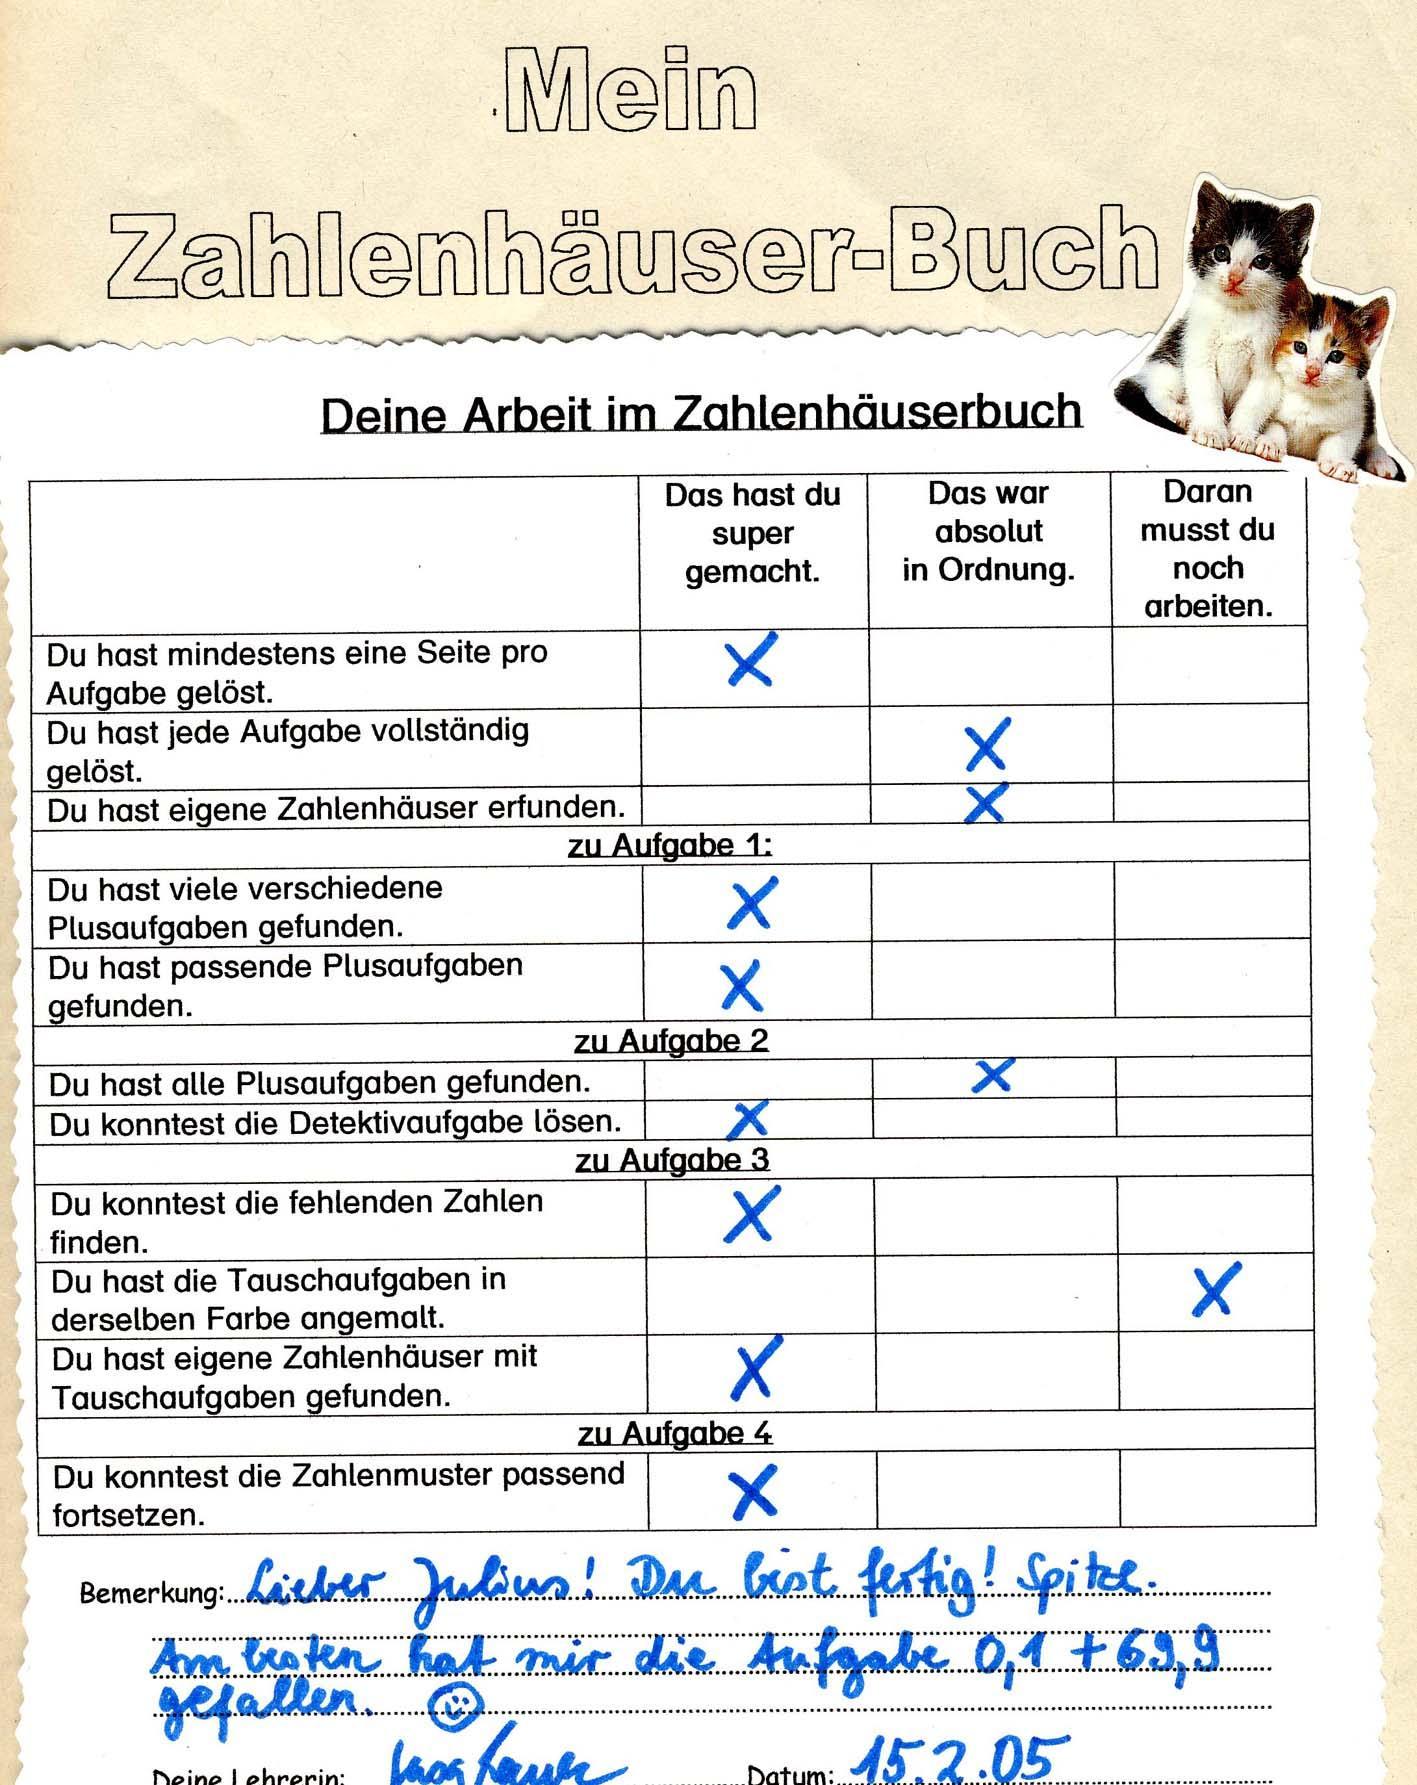 Ziemlich Punkte Für Gastgeberin Fortsetzen Zeitgenössisch - Beispiel ...